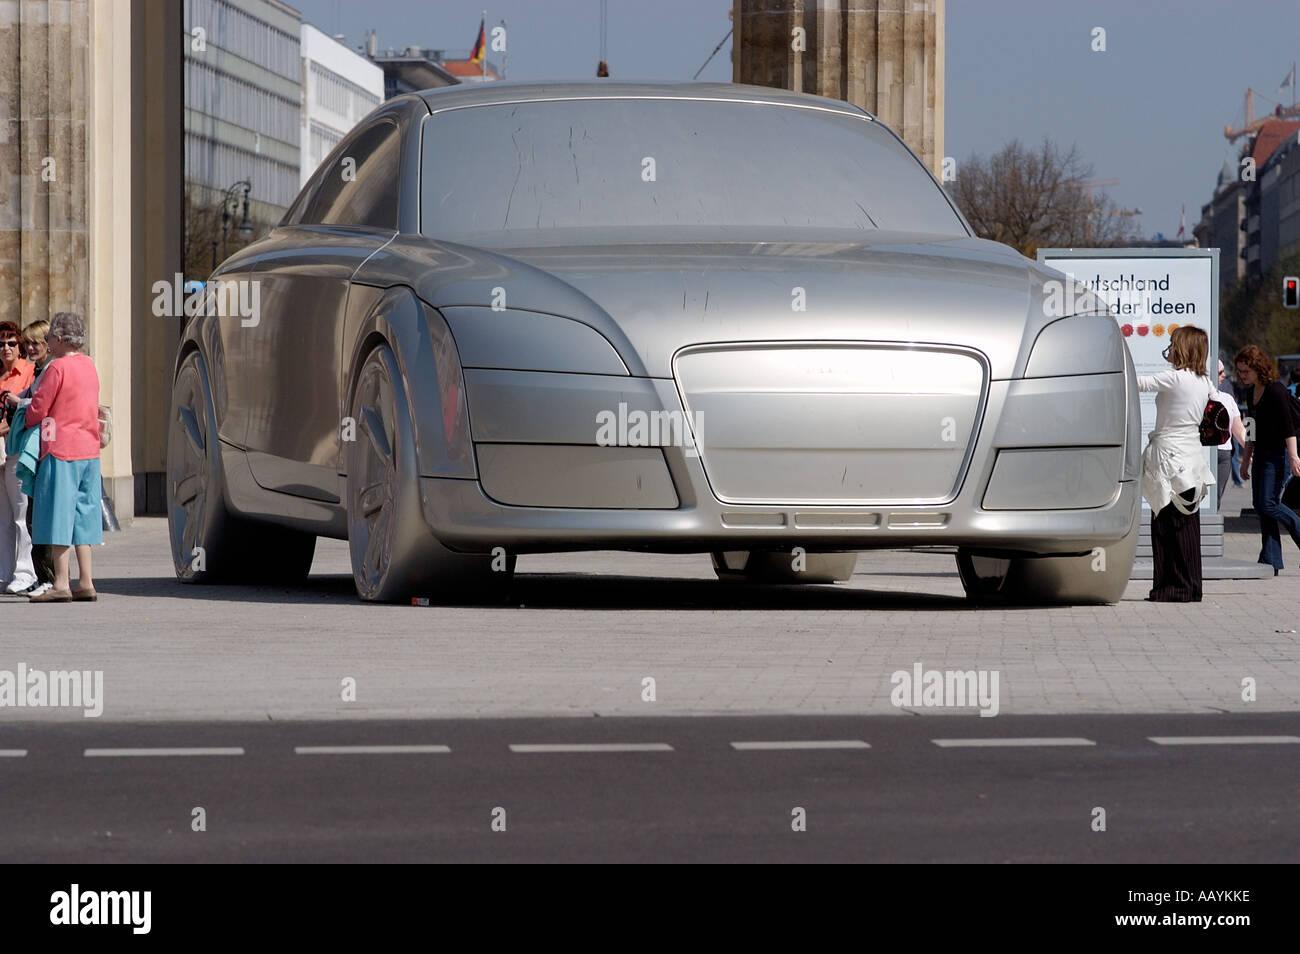 d71263457e Audi TT sculpture of a car in front of Berlin s landmark Brandenburg Gate